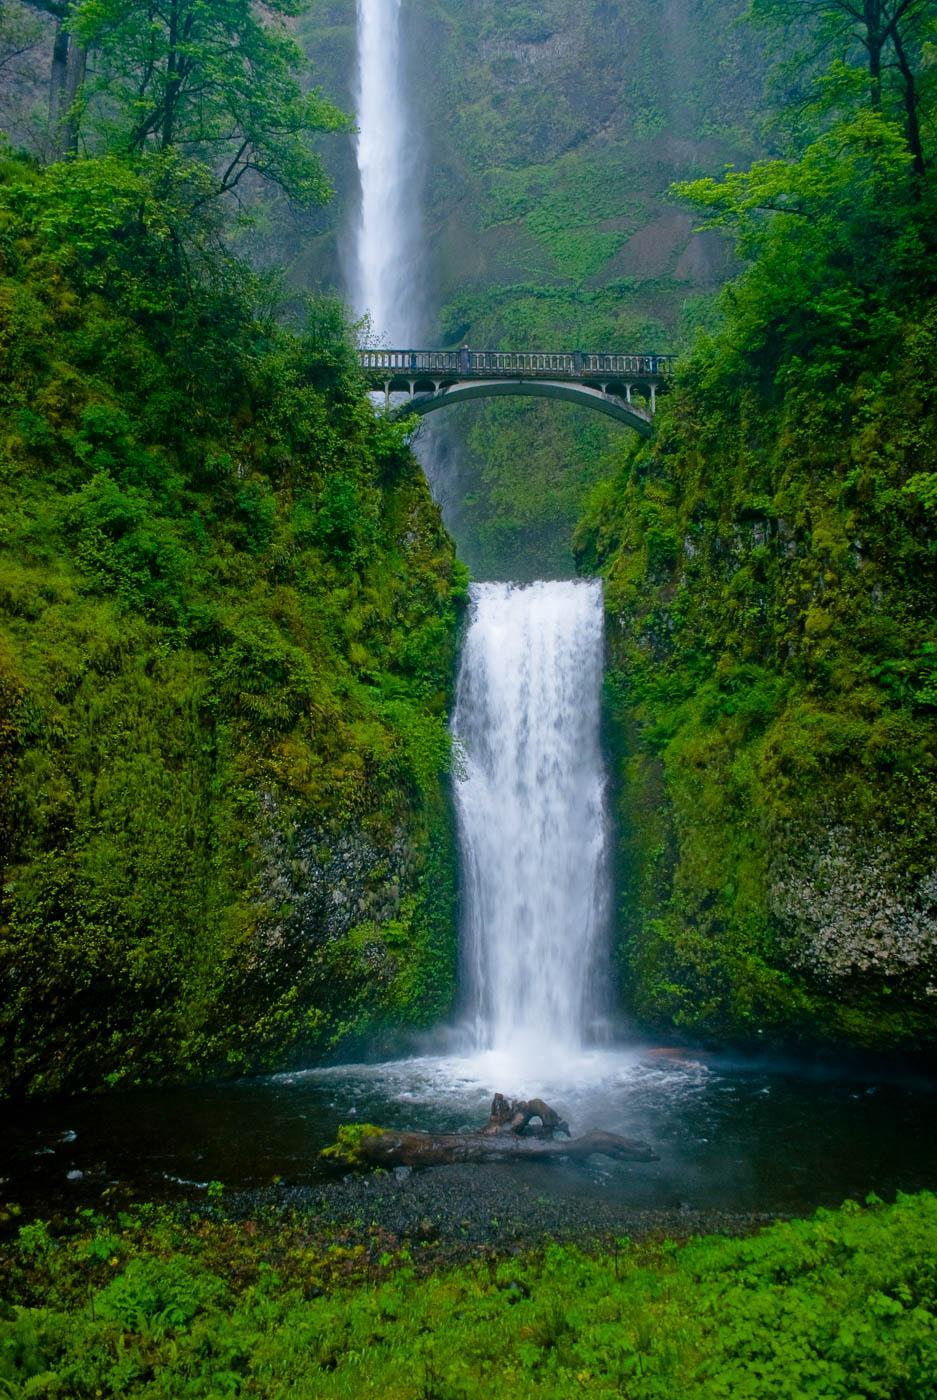 Multnomah Falls & Bridge, Oregon | Pono Images